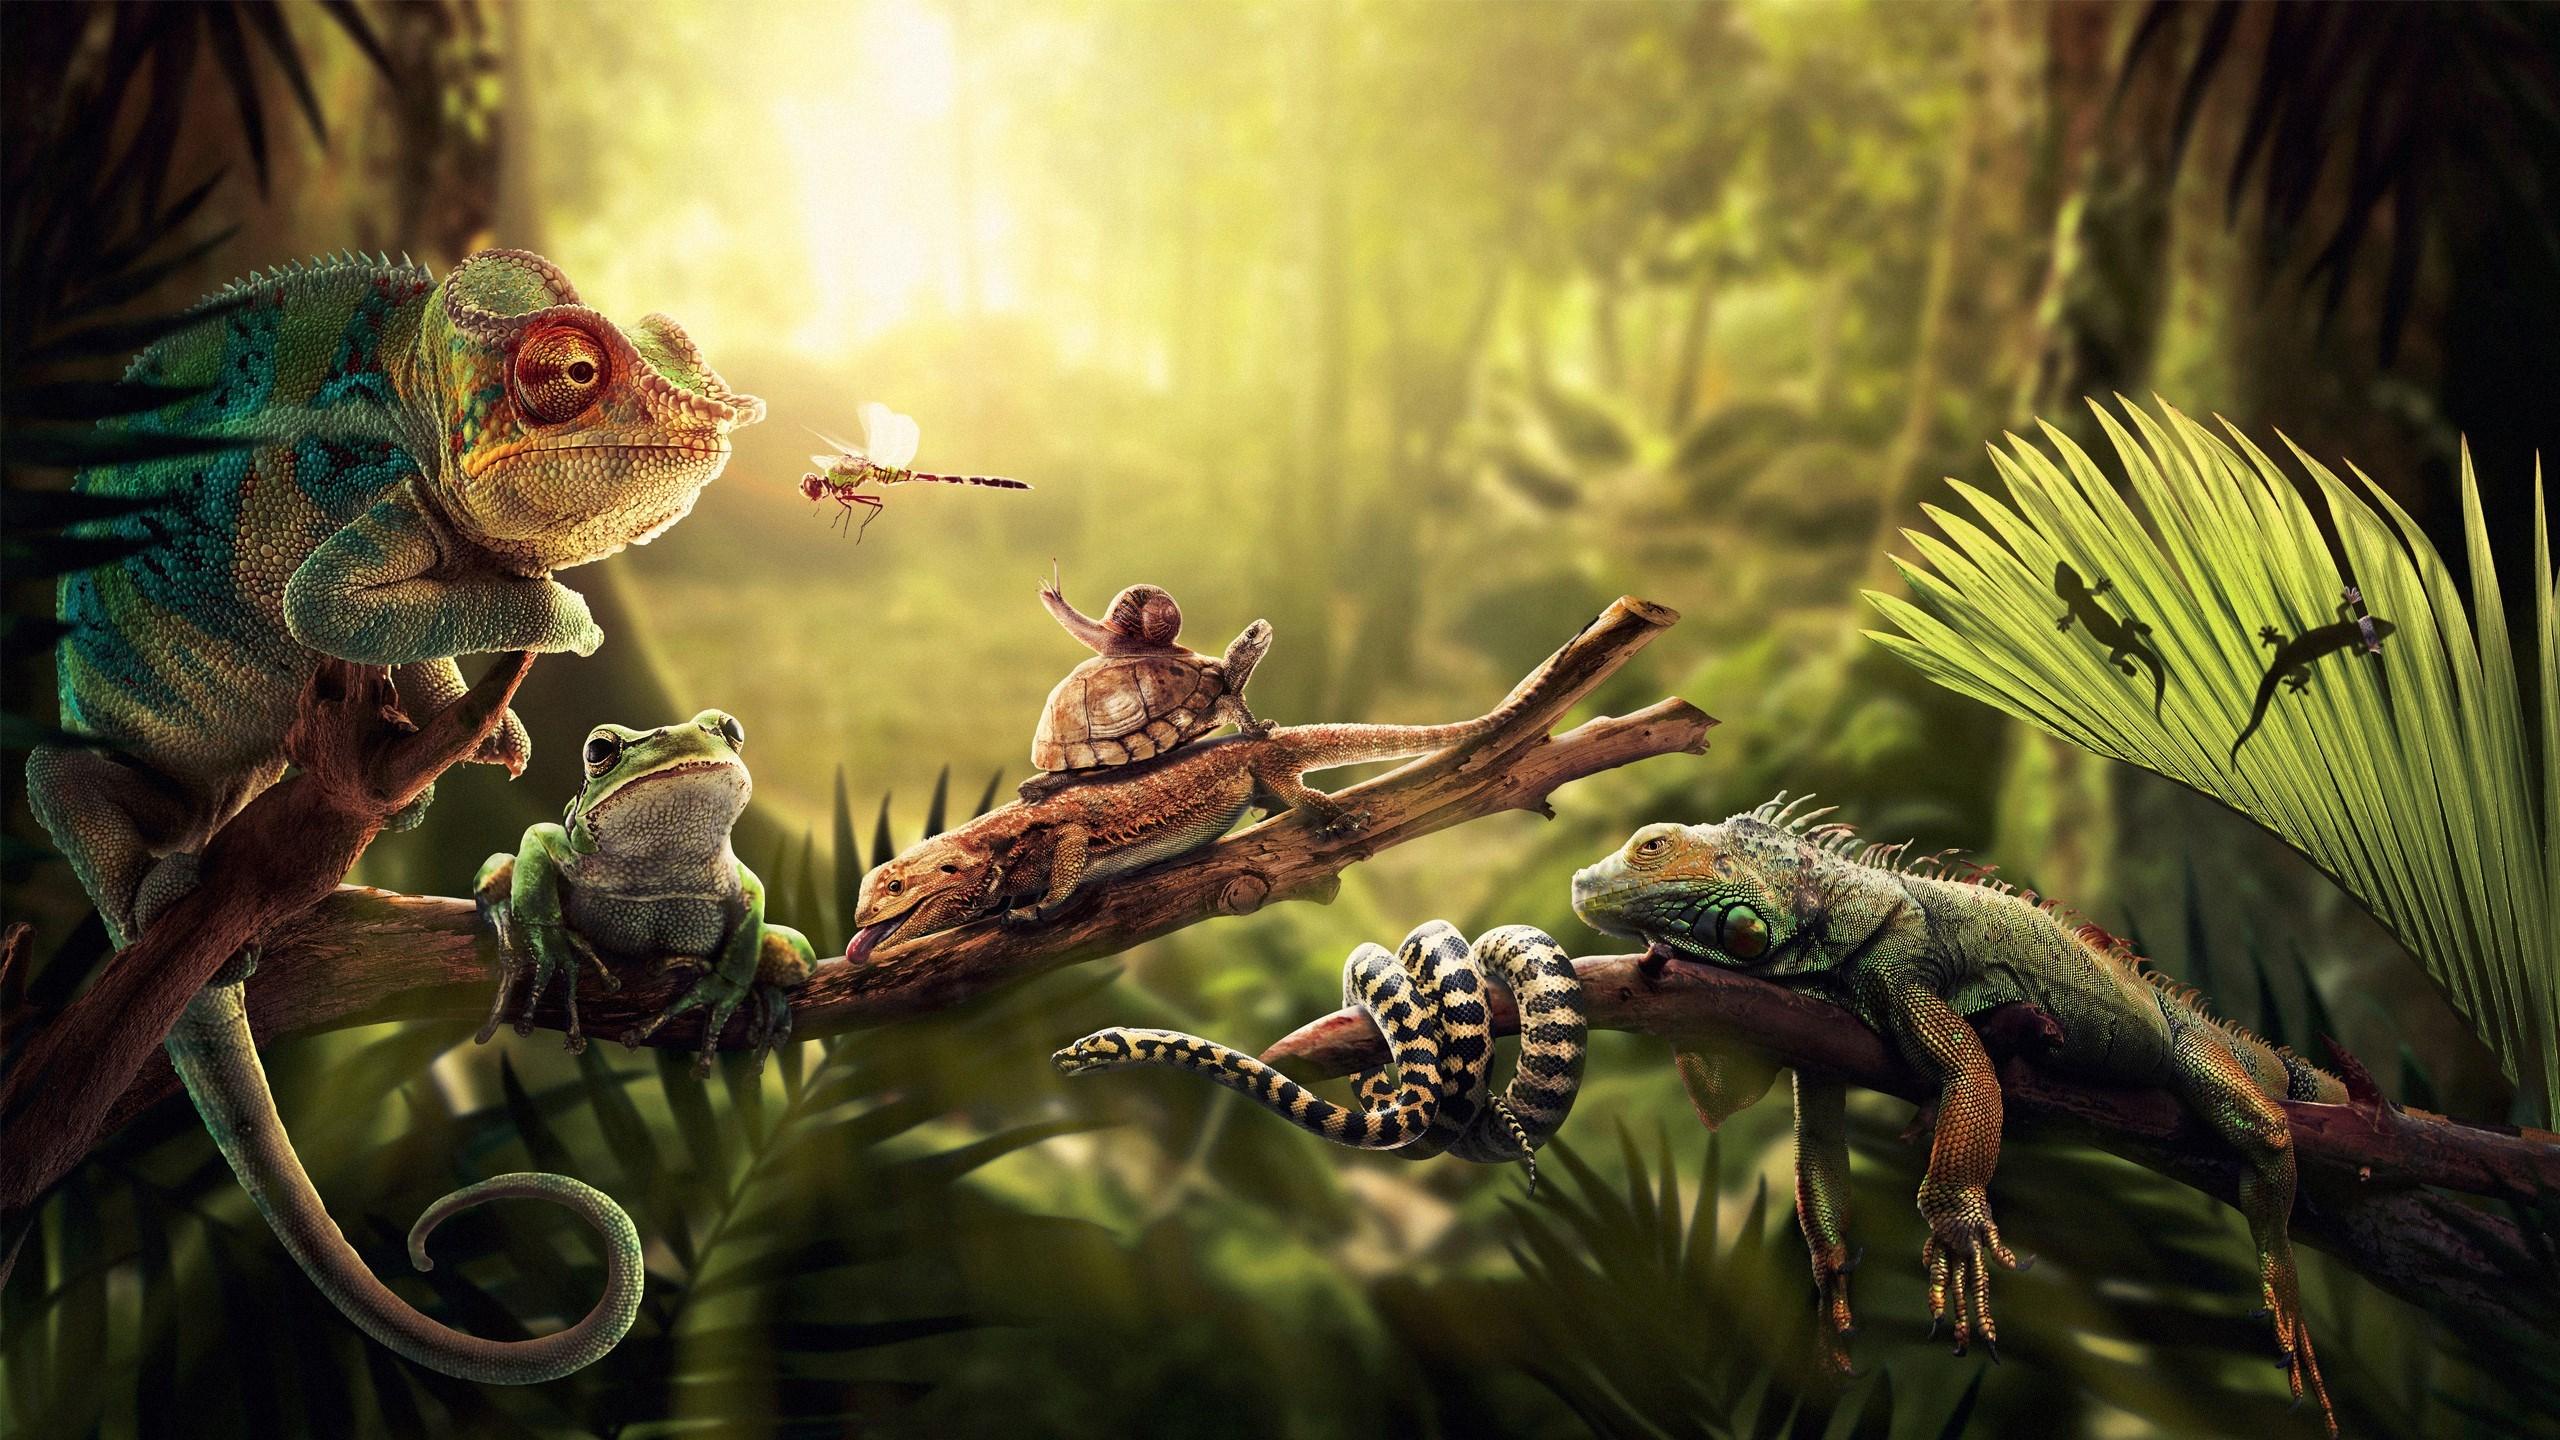 Iguana Lizards Turtle Dragonfly Snake Snail Frog